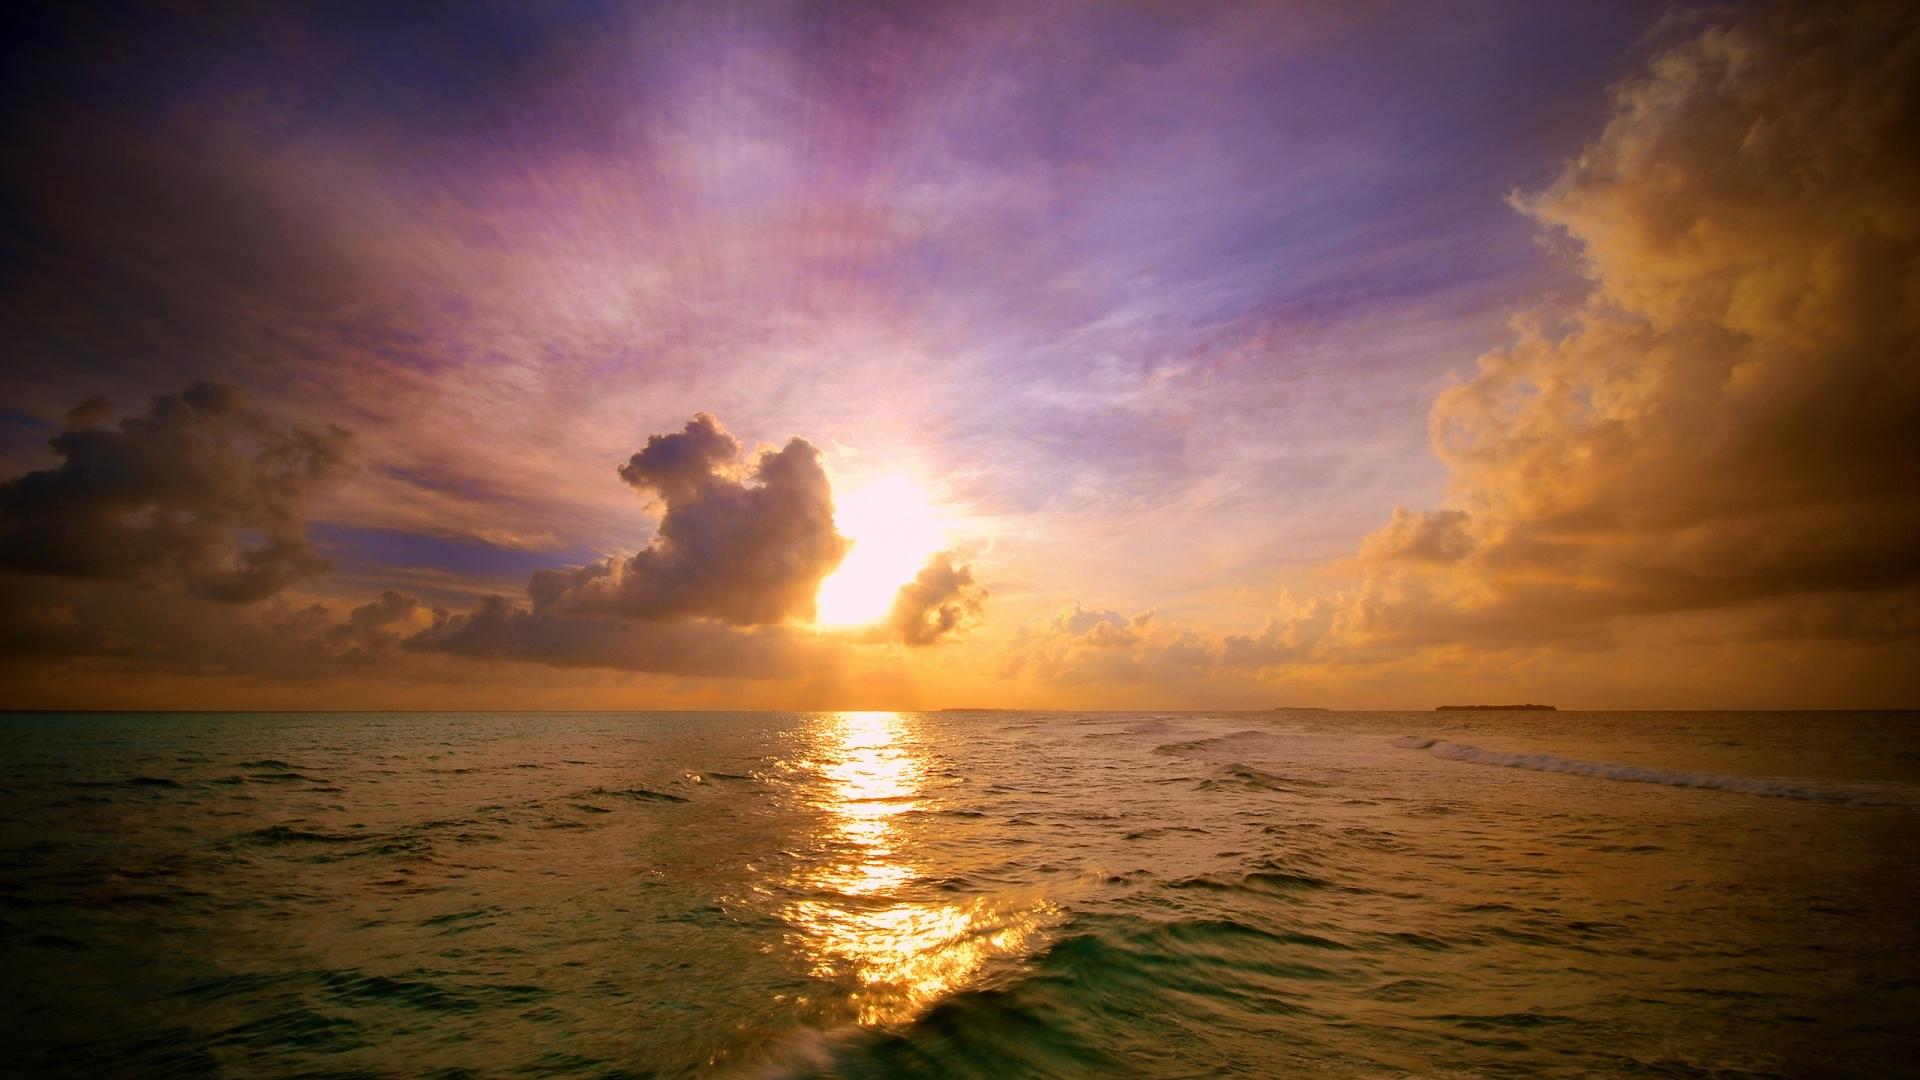 28741 скачать обои Пейзаж, Закат, Море, Облака - заставки и картинки бесплатно